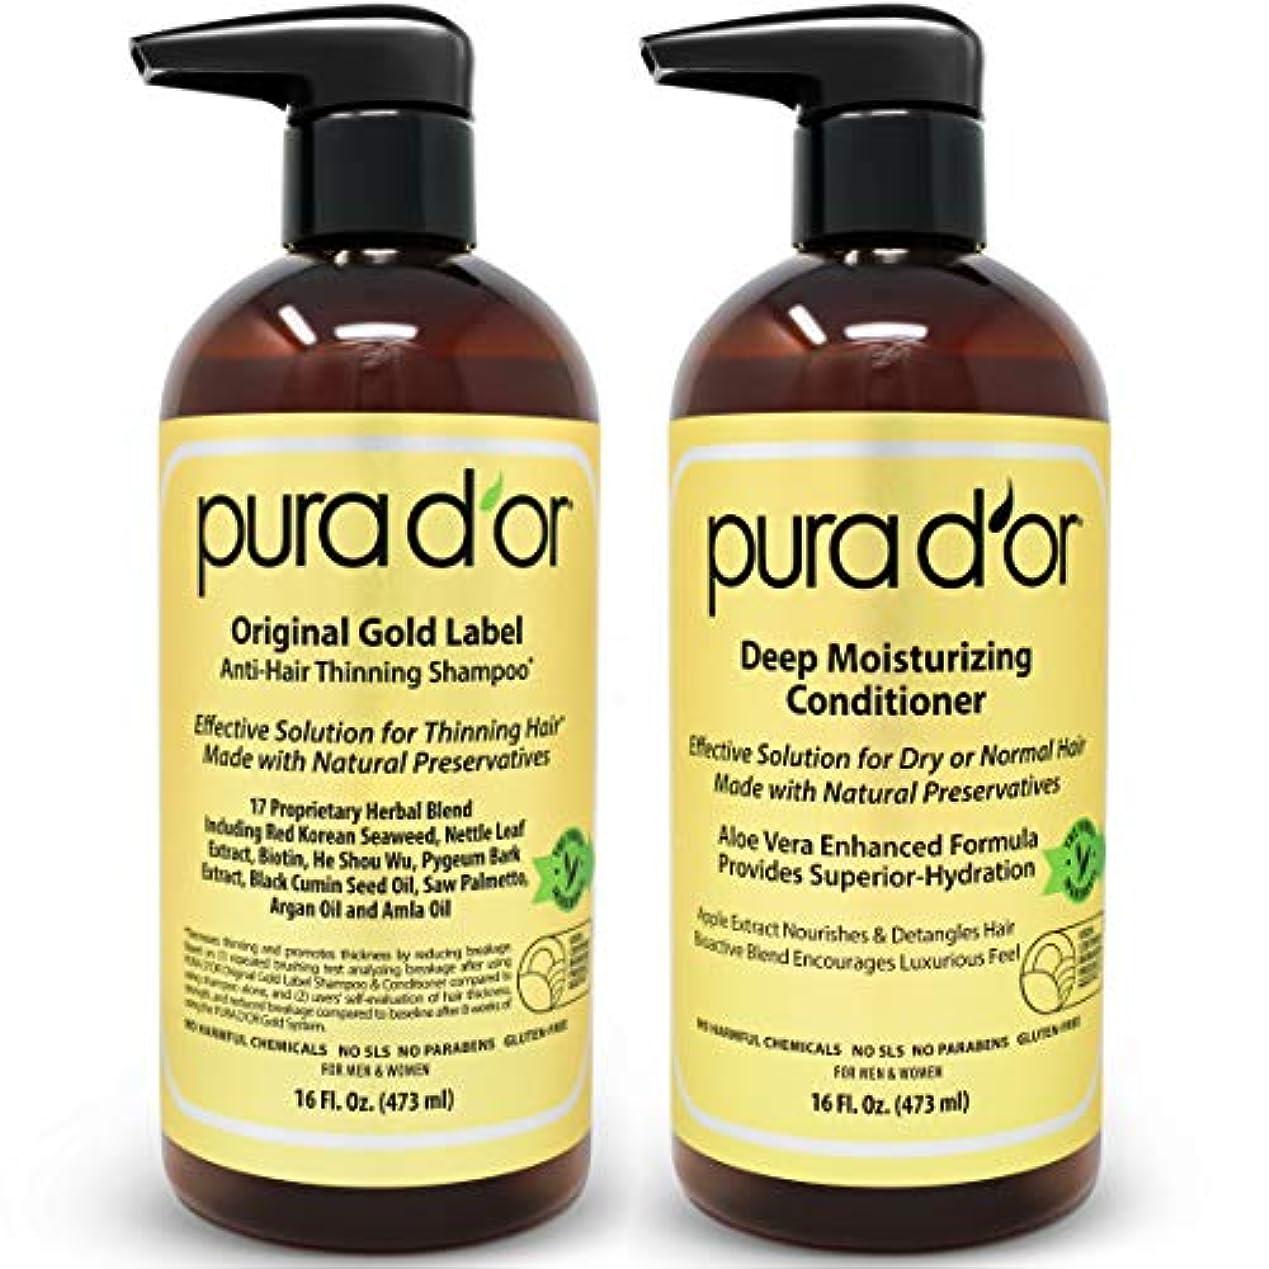 ブレスチューブ機密PURA D'OR オリジナル ゴールド ラベル 薄毛予防用 -臨床実験済み -アルガンオイル、ビオチン、天然原料、硫酸系化合物不使用、全髪タイプに、男性&女性用(パッケージは異なる場合があります) シャンプー&コンディショナー